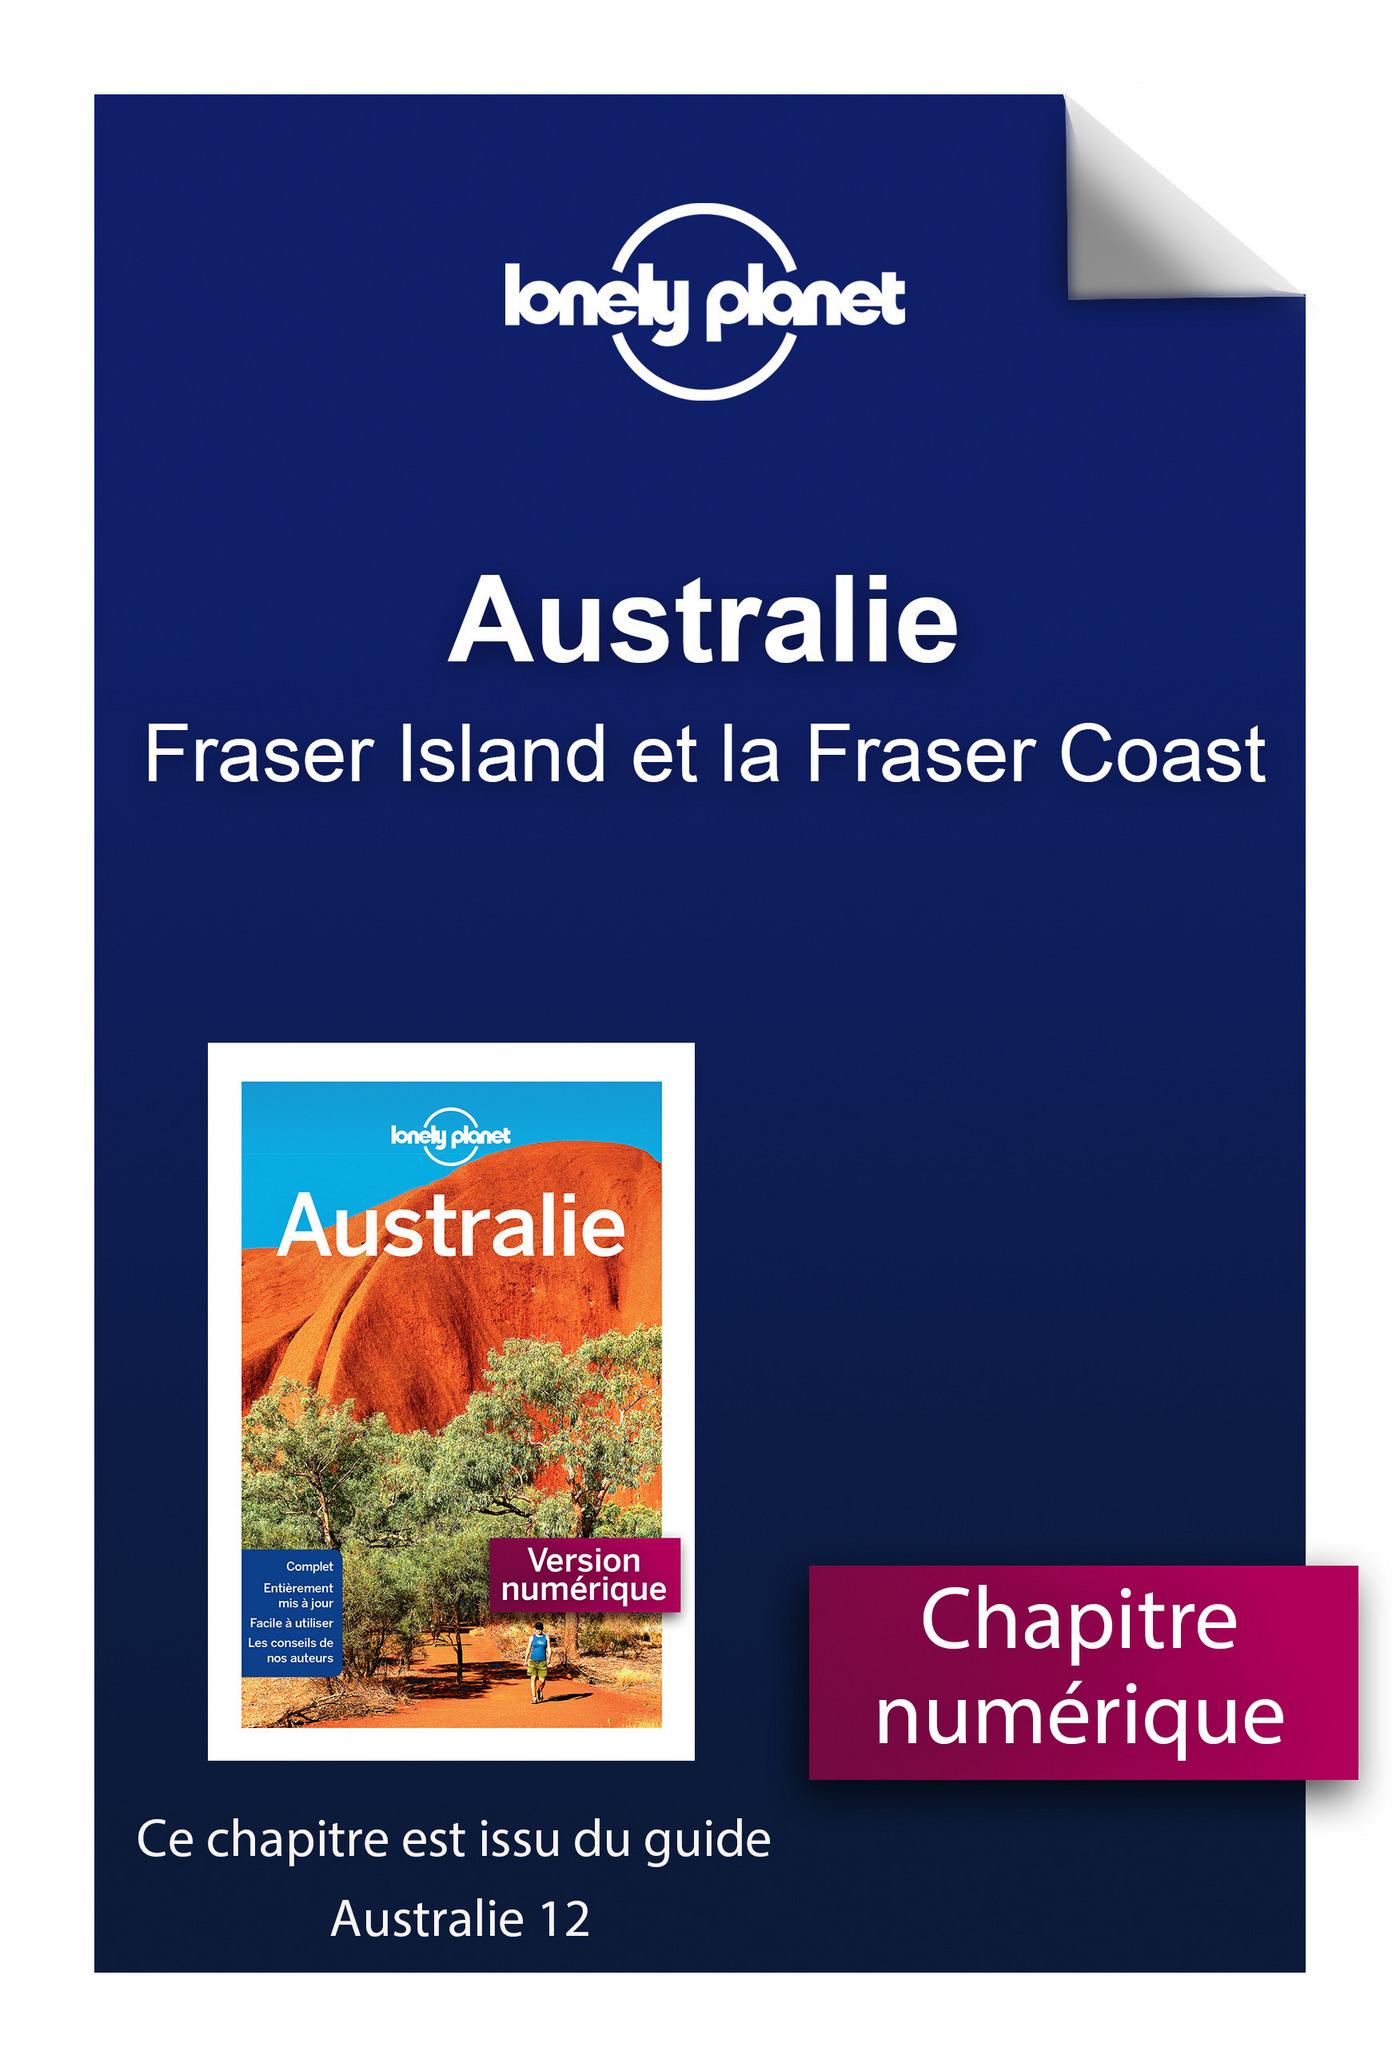 Australie - Fraser Island et la Fraser Coast